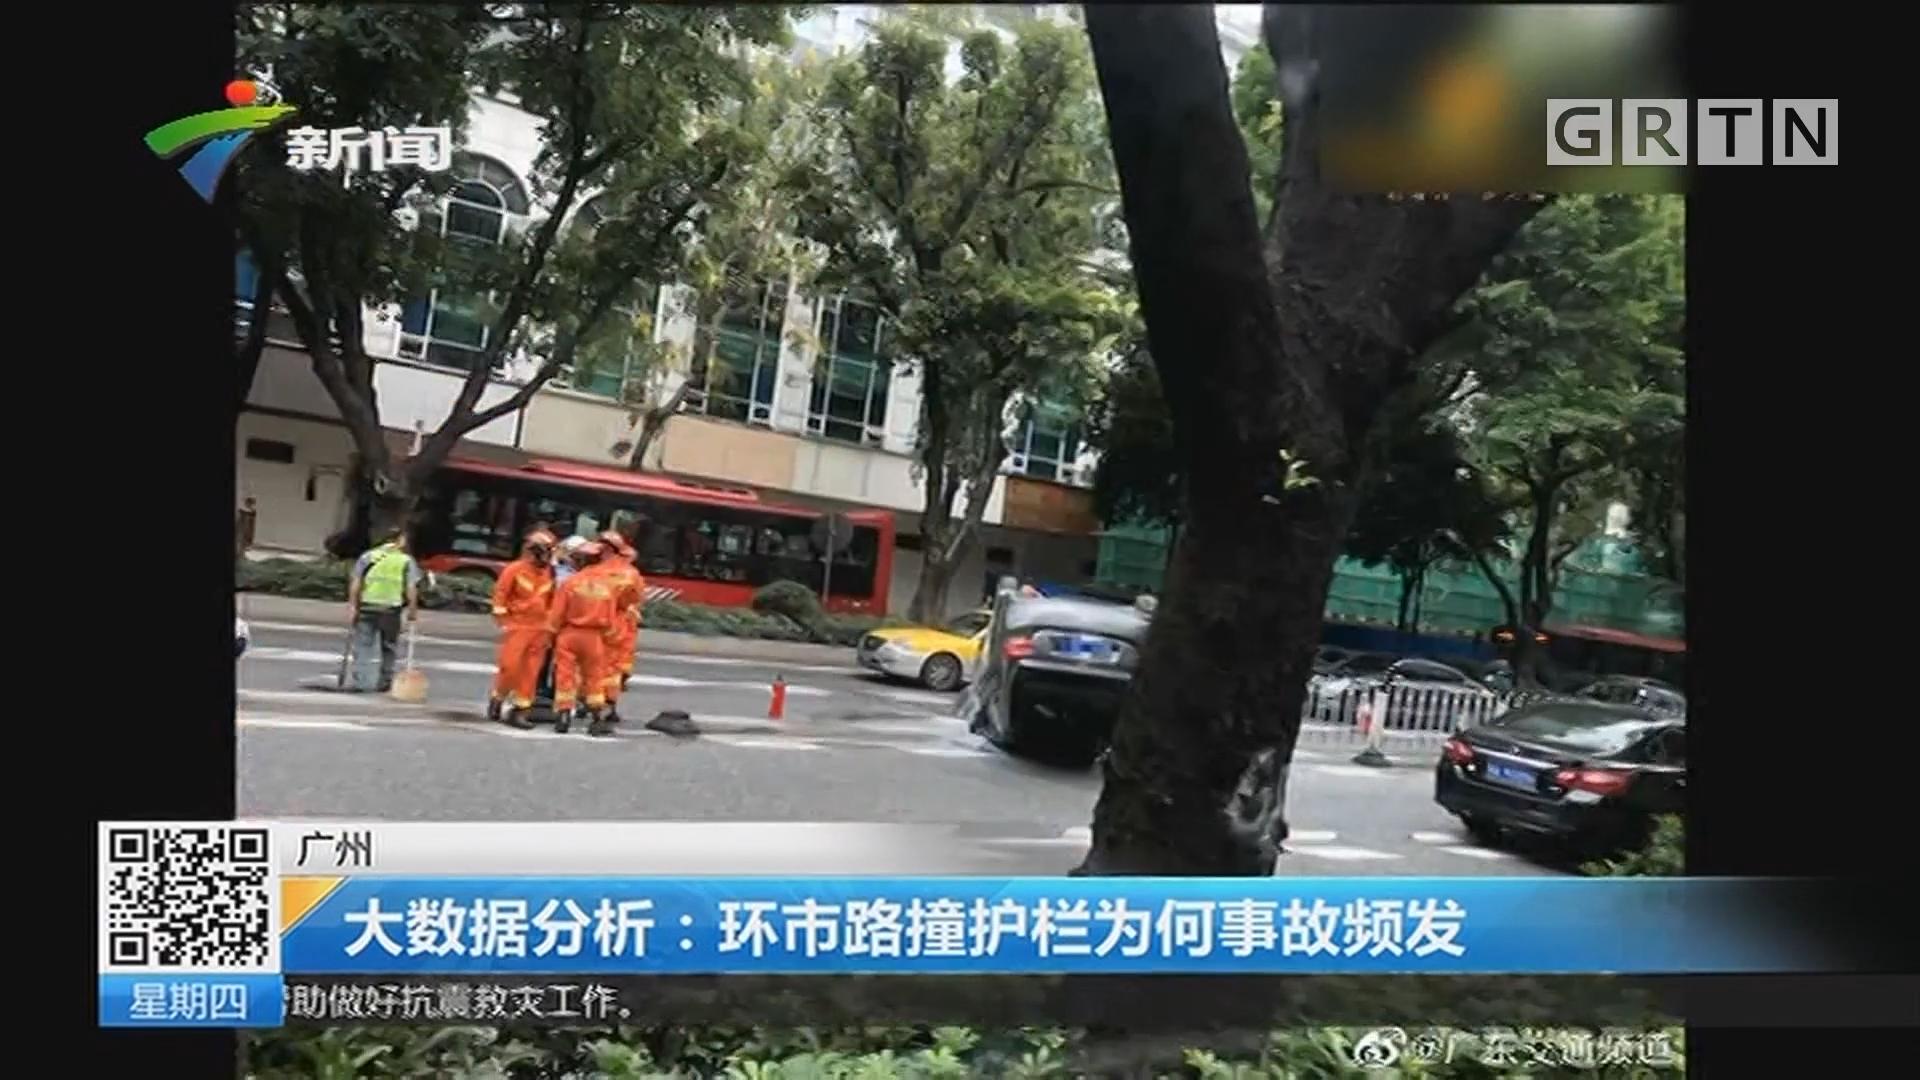 广州 大数据分析:环市路撞护栏为何事故频发